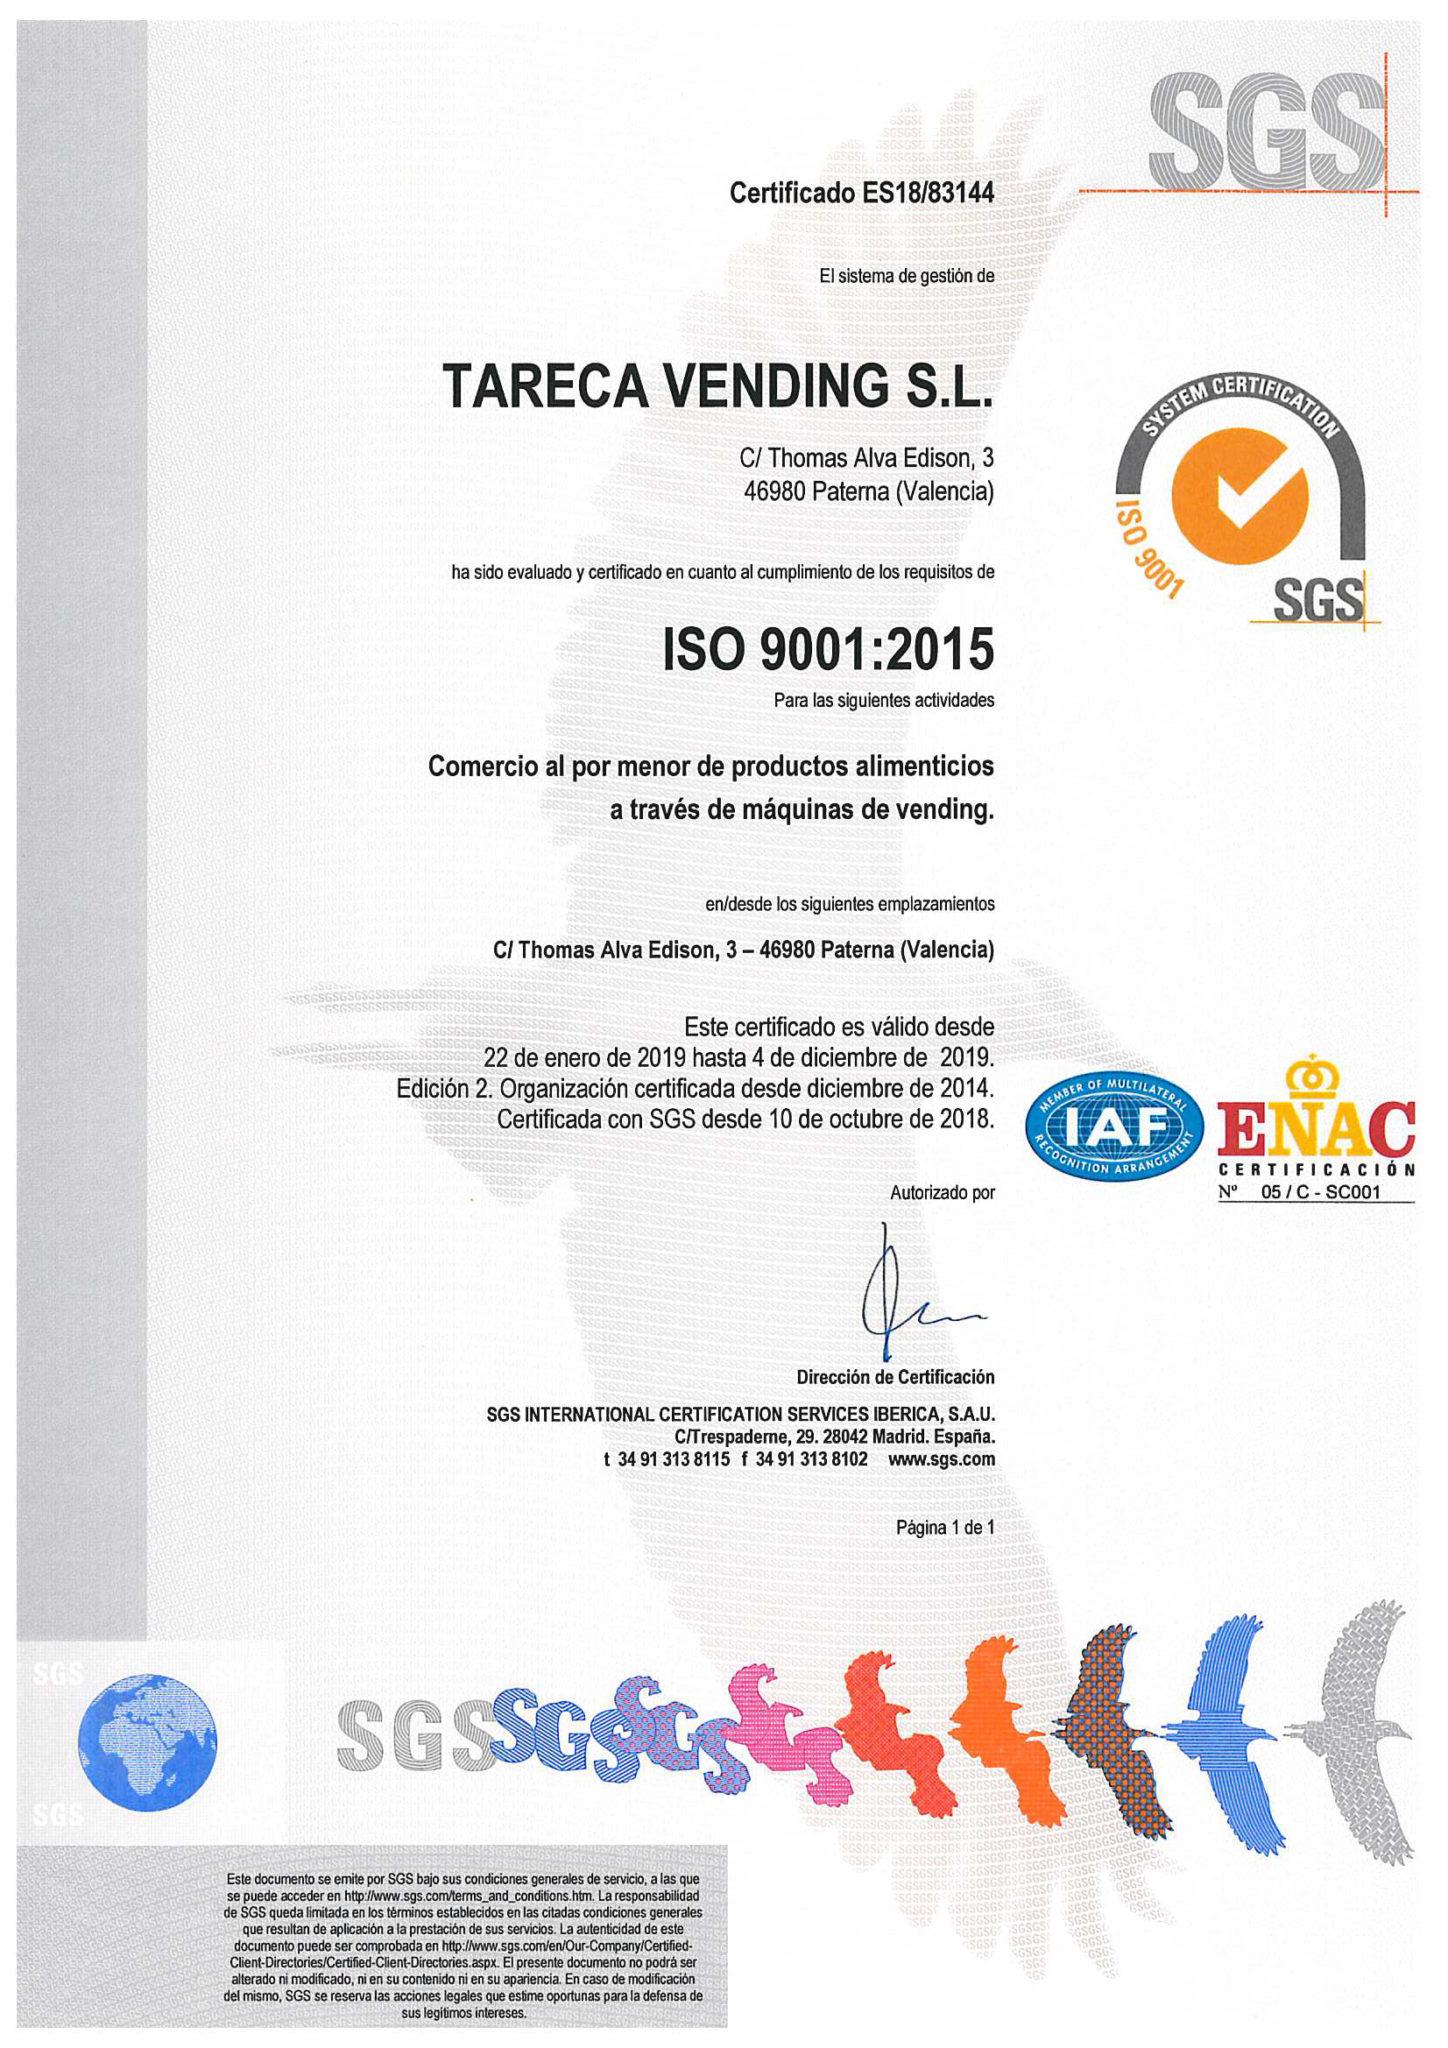 Certificado de calidad iso 9001 tareca vending